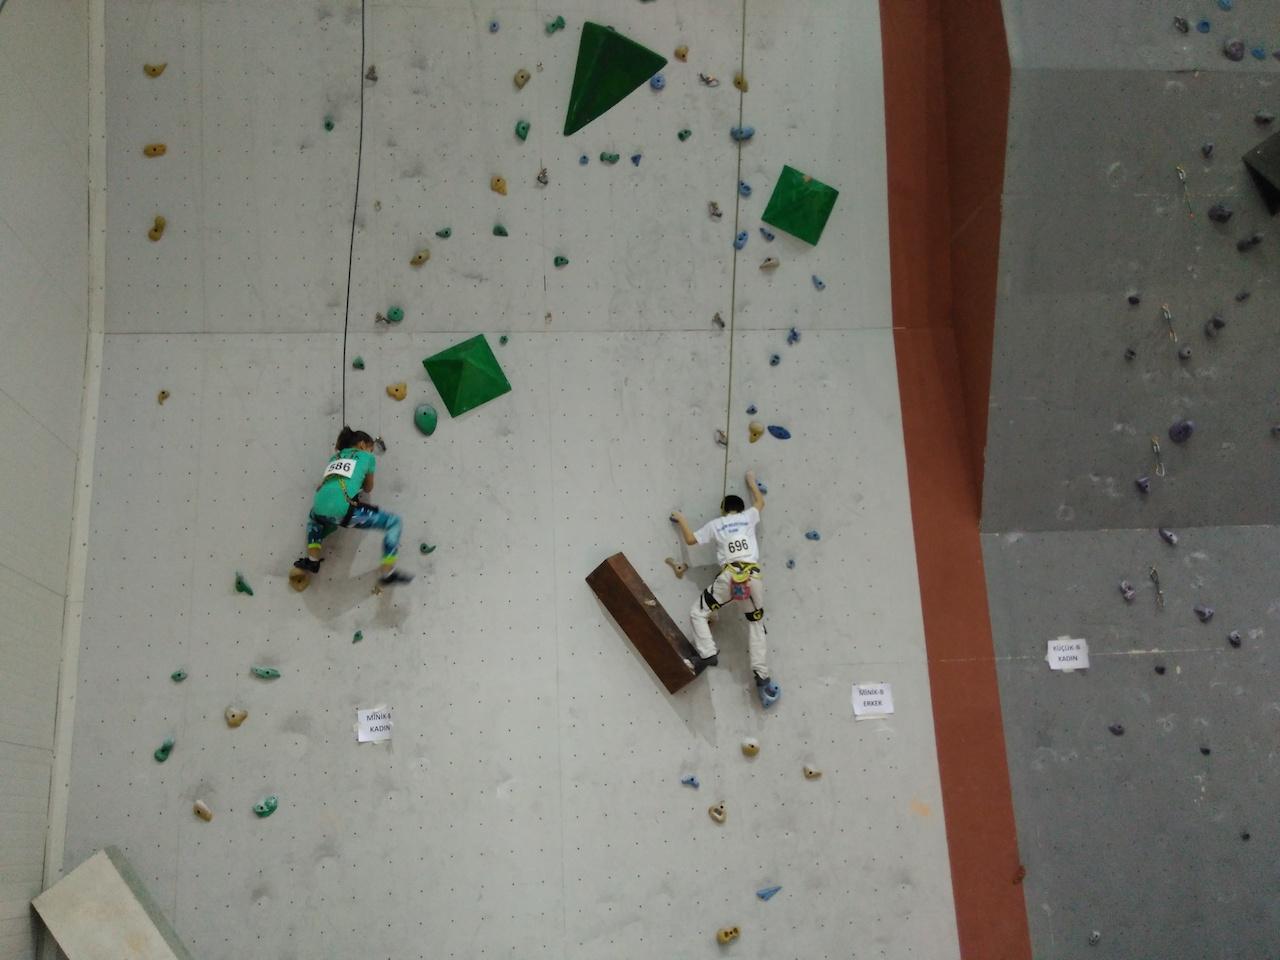 Spor Tırmanış Minikler, Küçükler ve Gençler Lider Tırmanış Şampiyonası 1. Ayak tamamlandı.